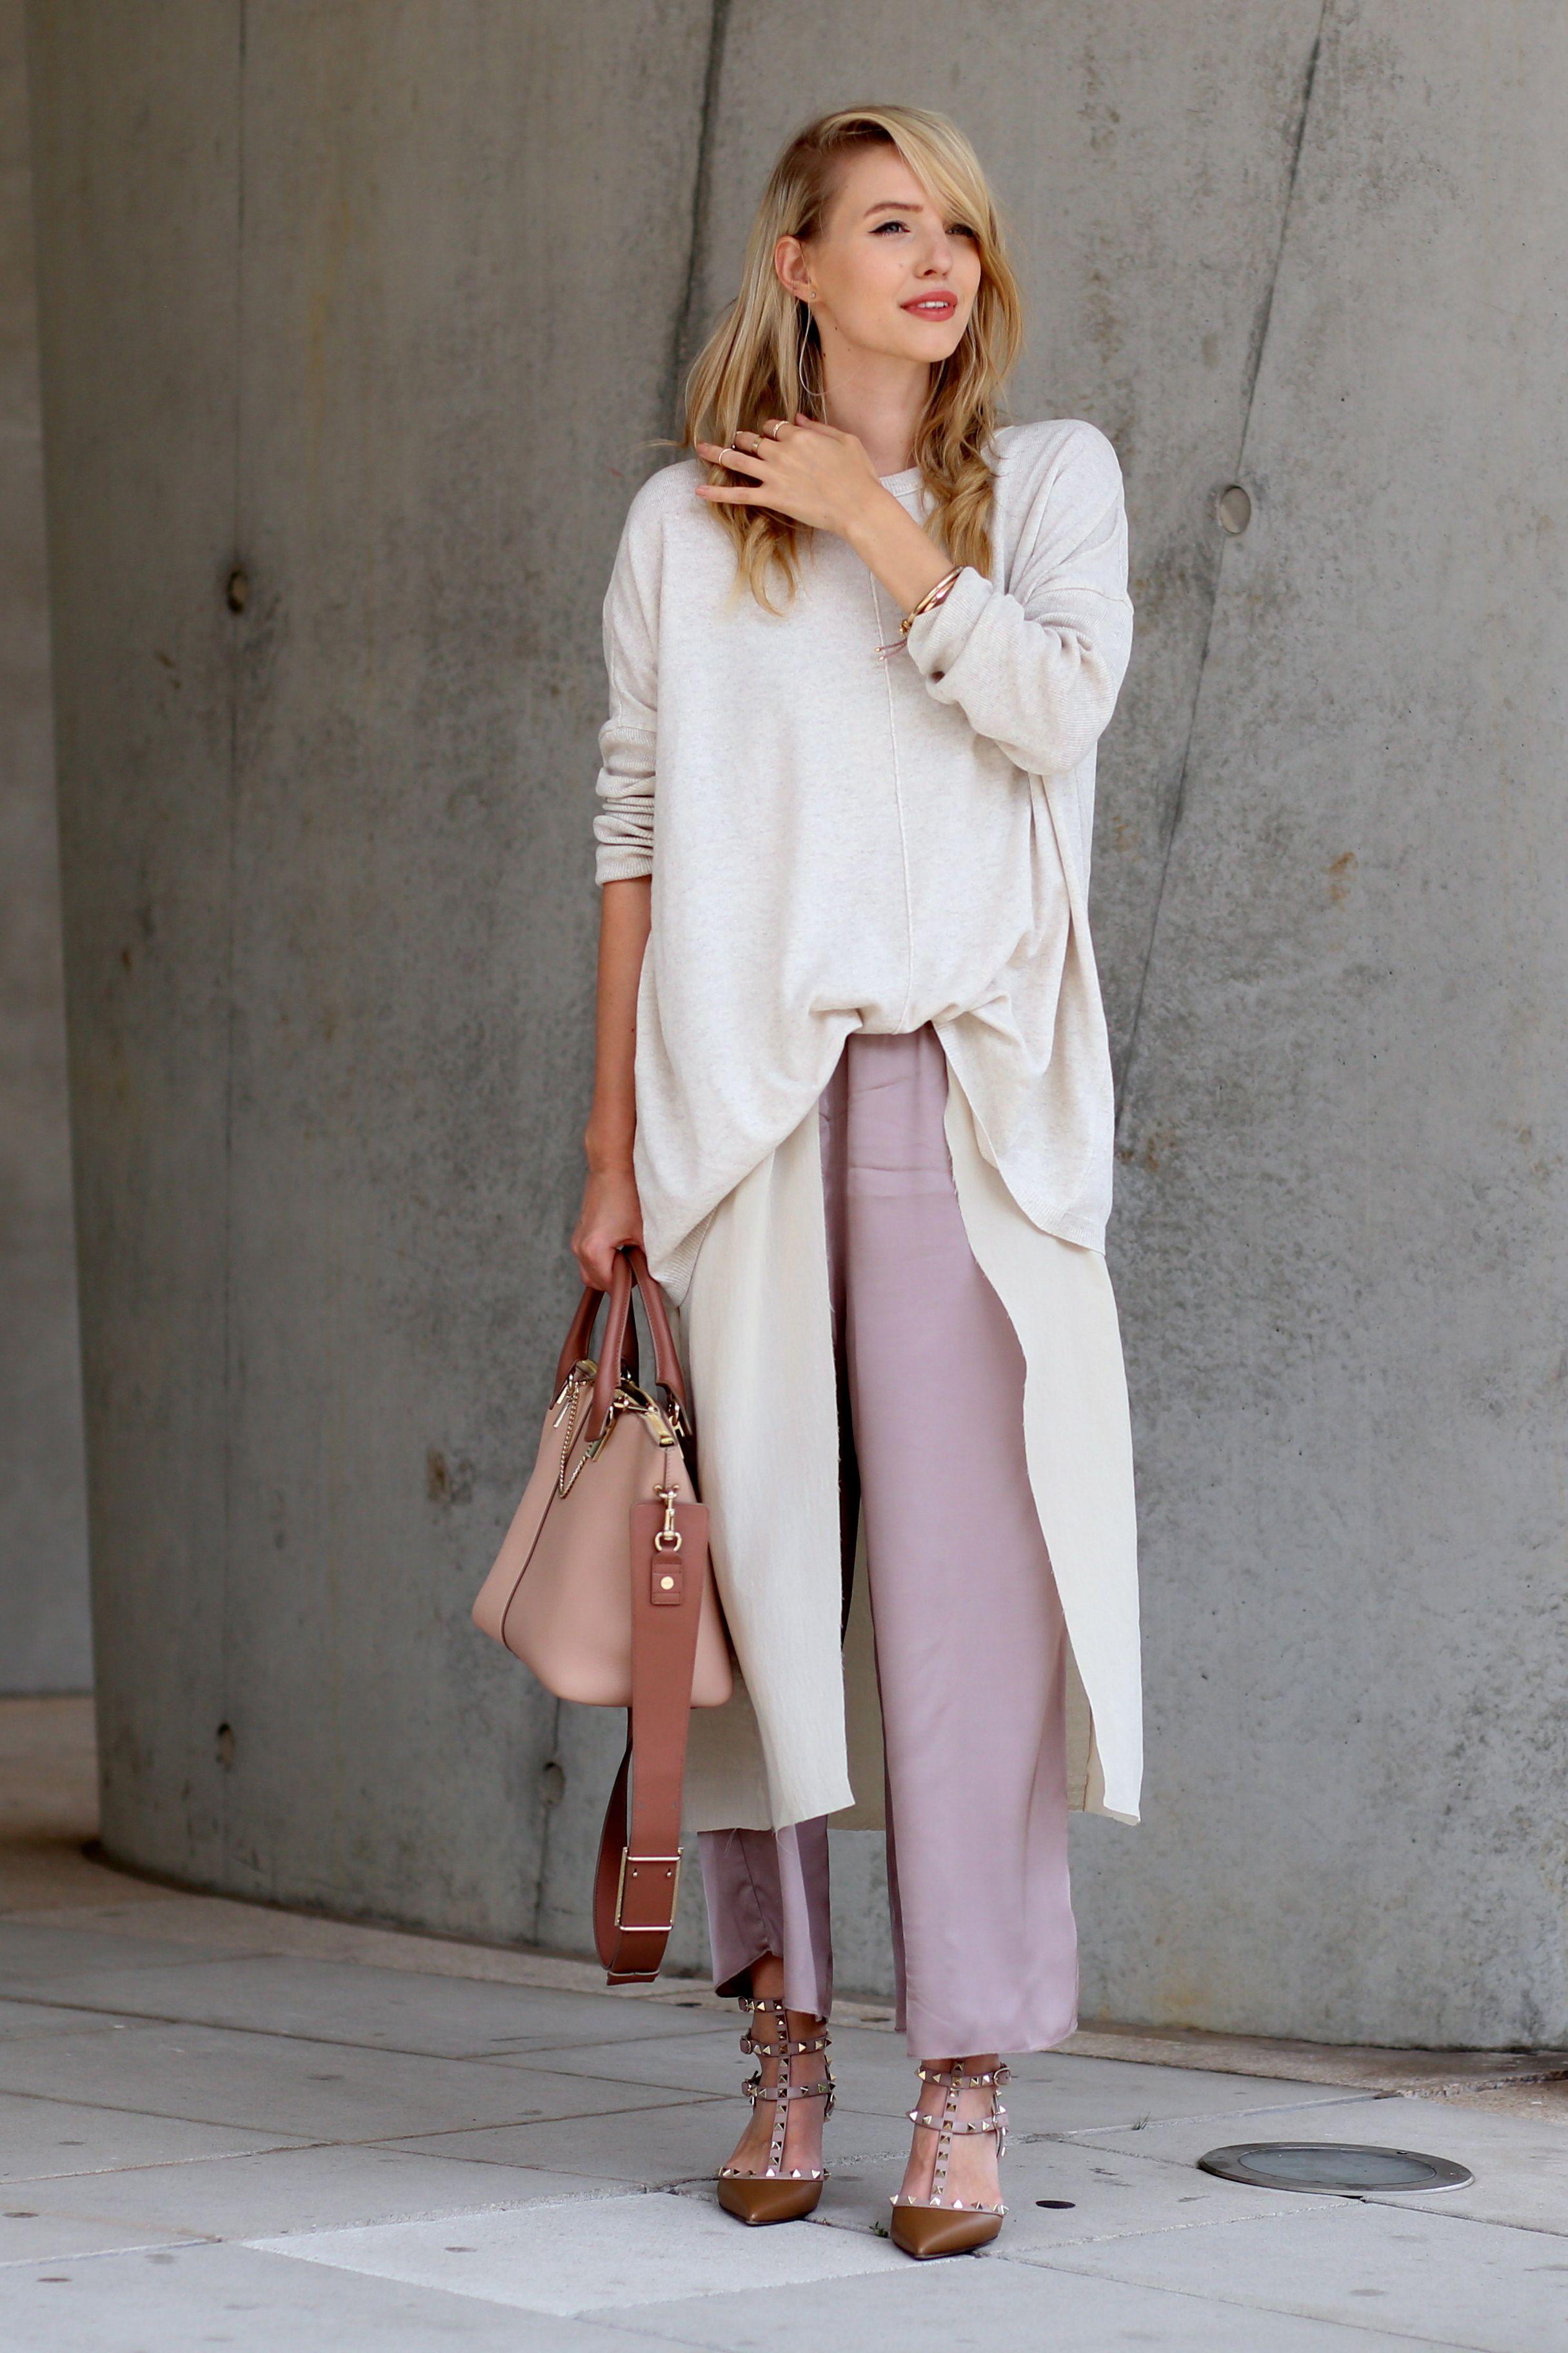 PARIS COUTURE WEEK - Leonie Hanne | Couture week, Leonie